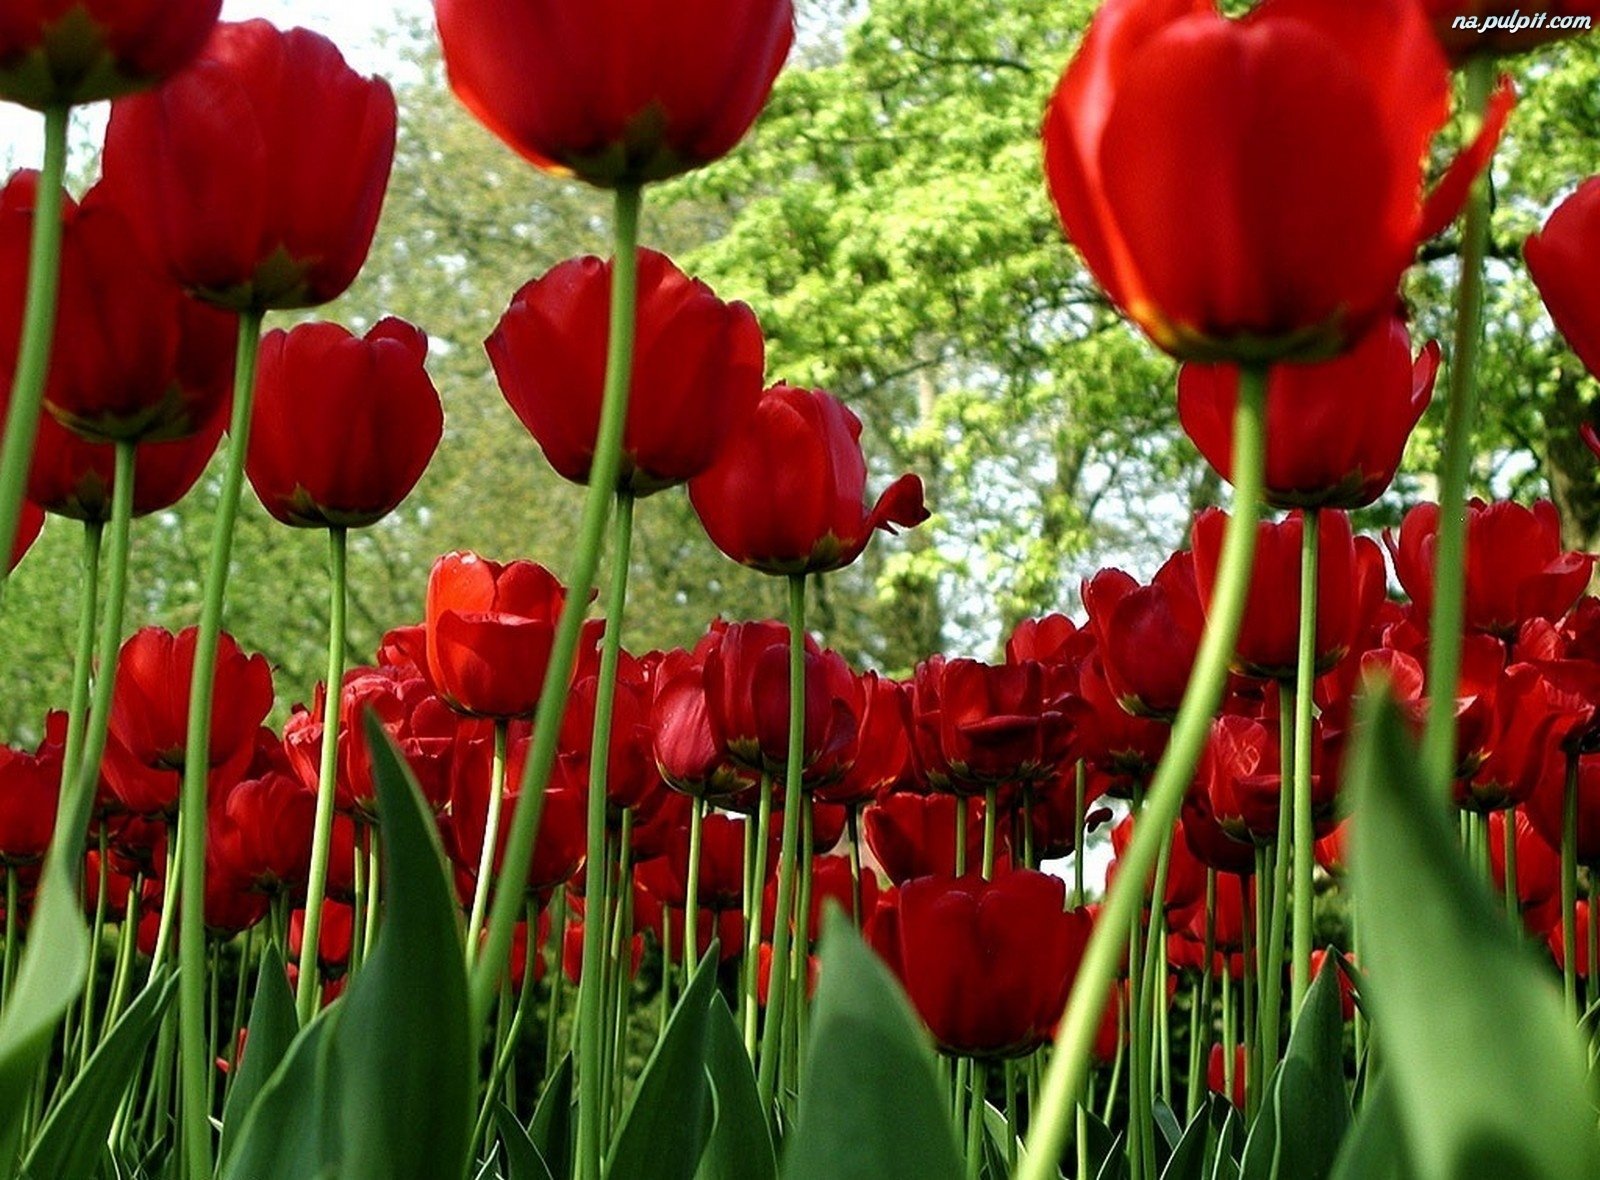 ... -czerwone-tulipany-1.na-pulpit.com/zdjecia/czerwone-tulipany-1.jpeg